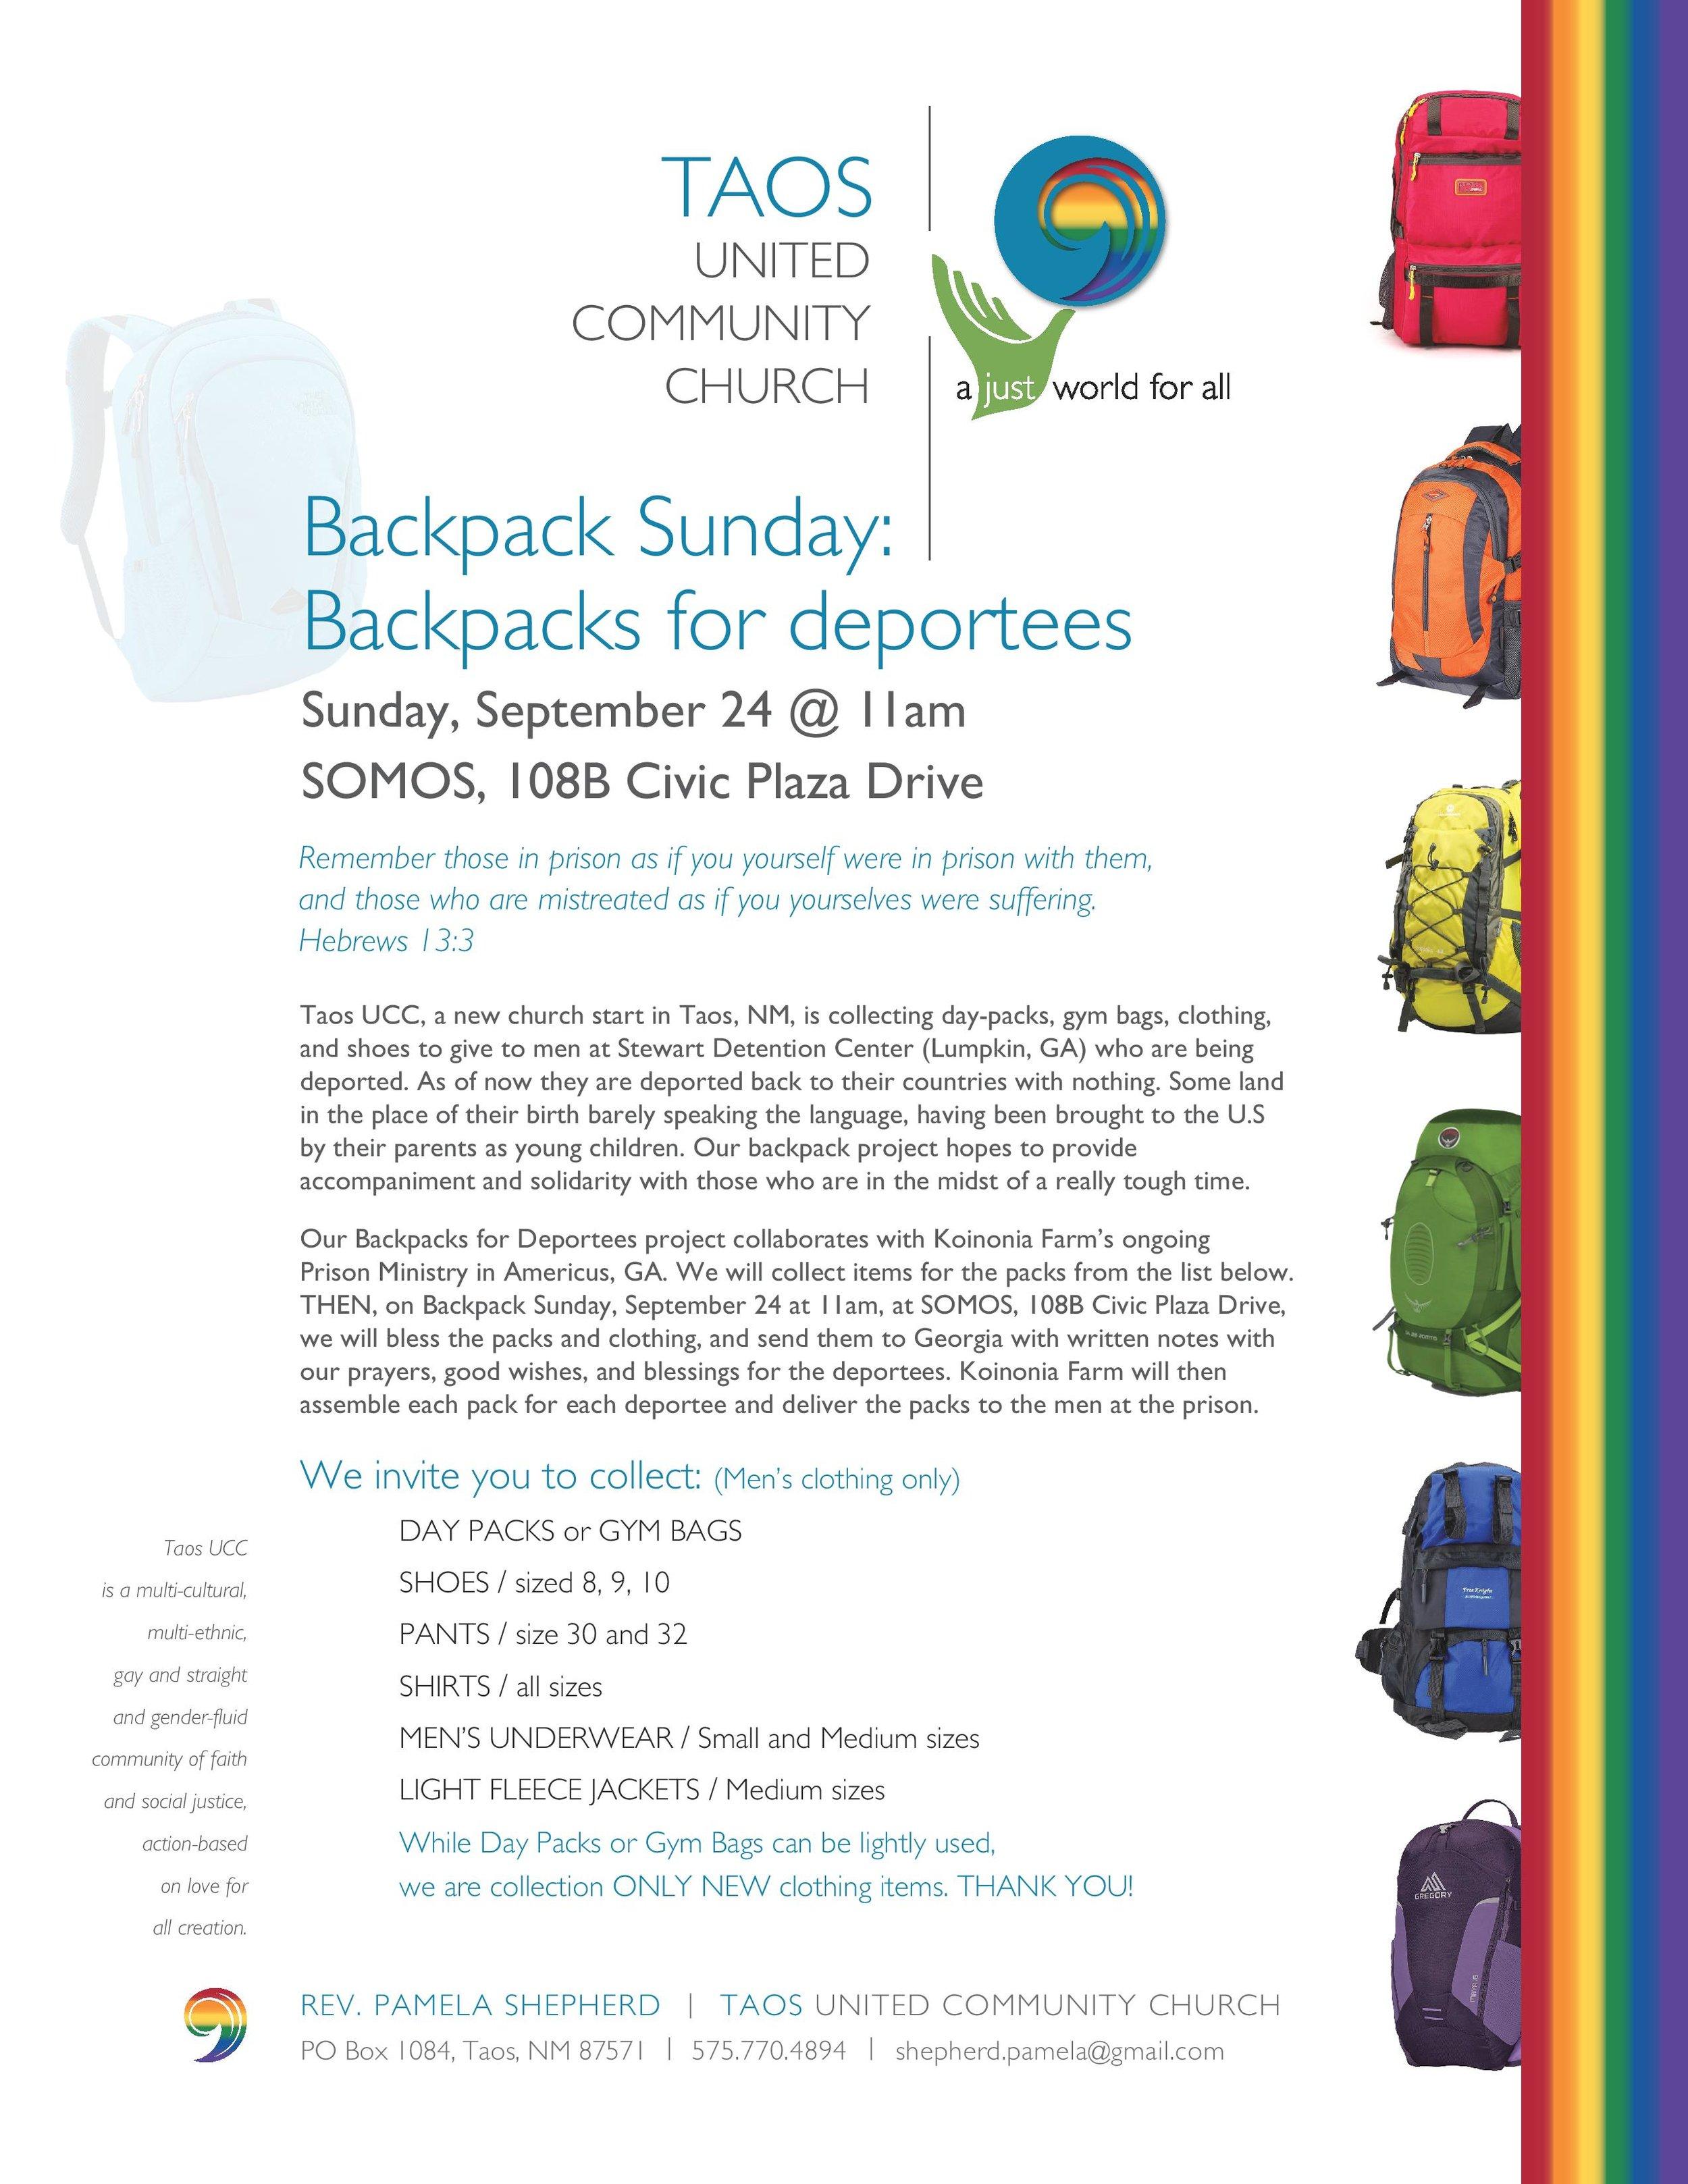 Taos-UCC-Backpack-Giveaway-Flyer jpg.jpg